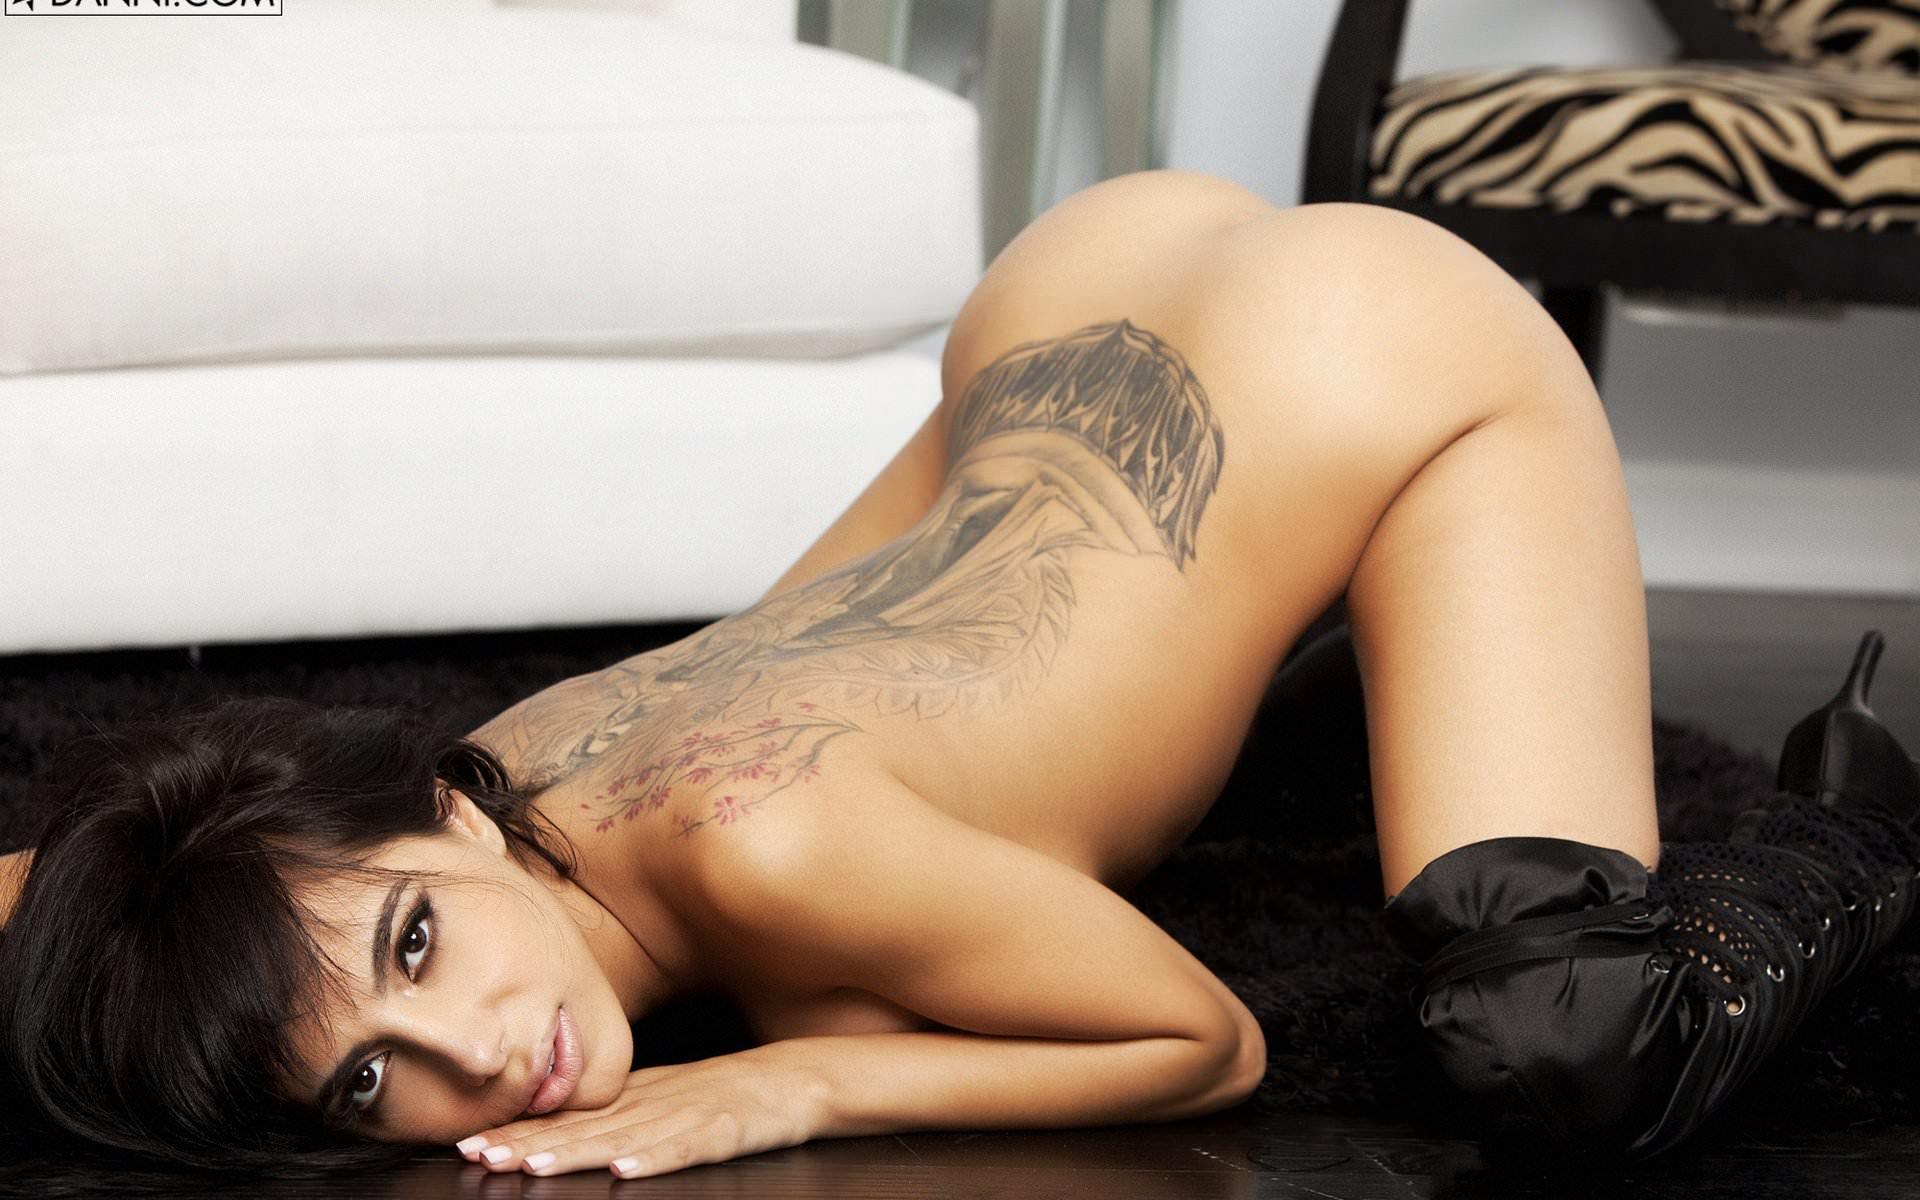 Фото порноактера с татуировками 15 фотография